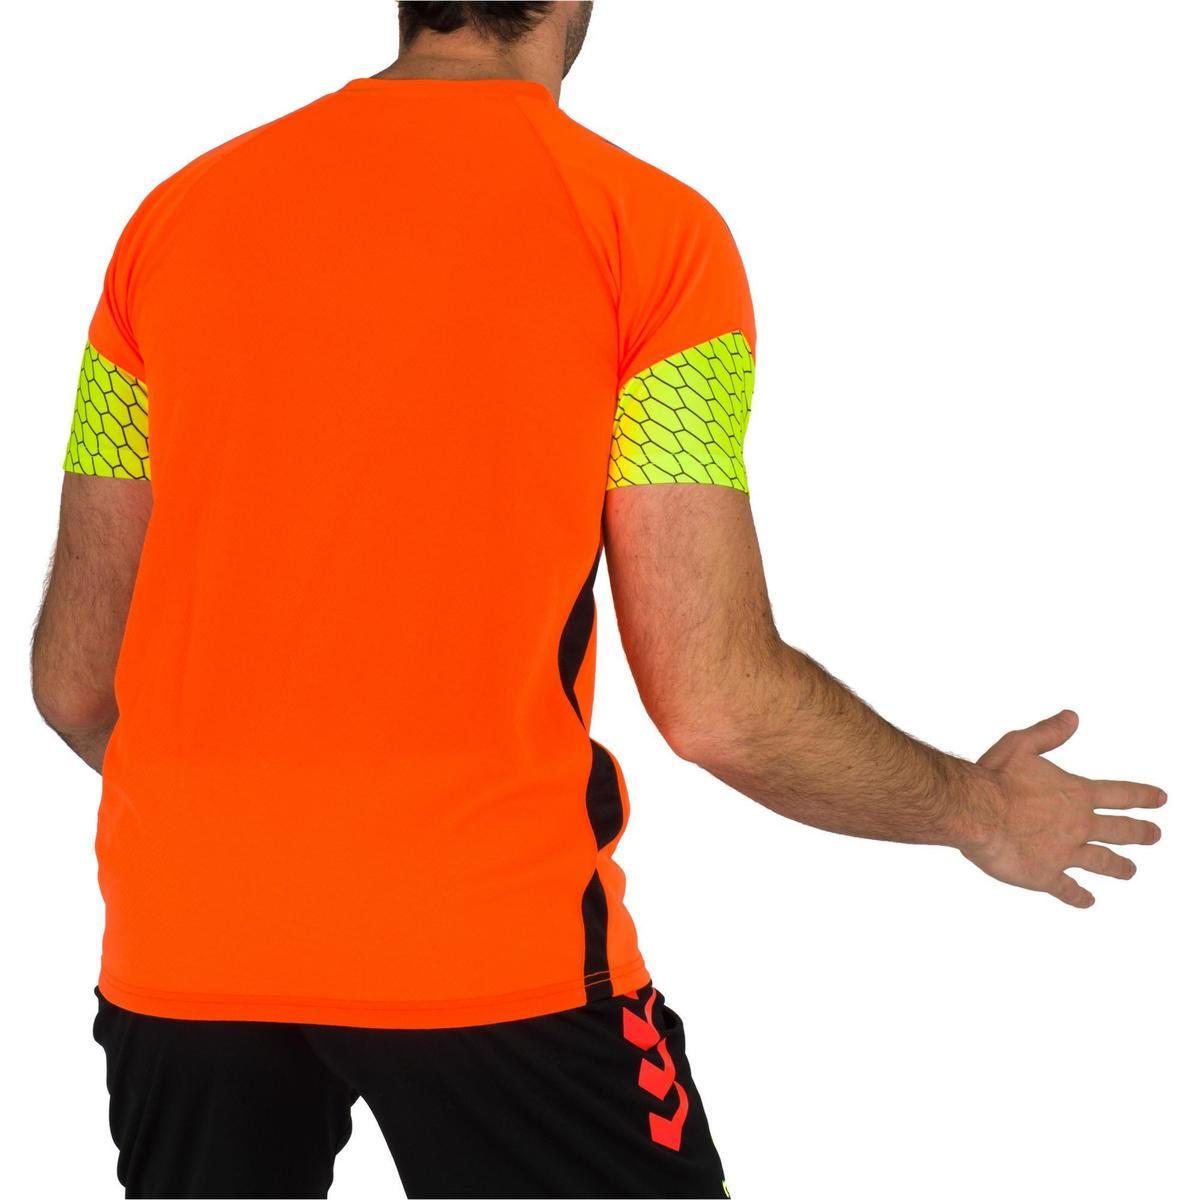 Bild 4 von Handballtrikot Herren orange/gelb